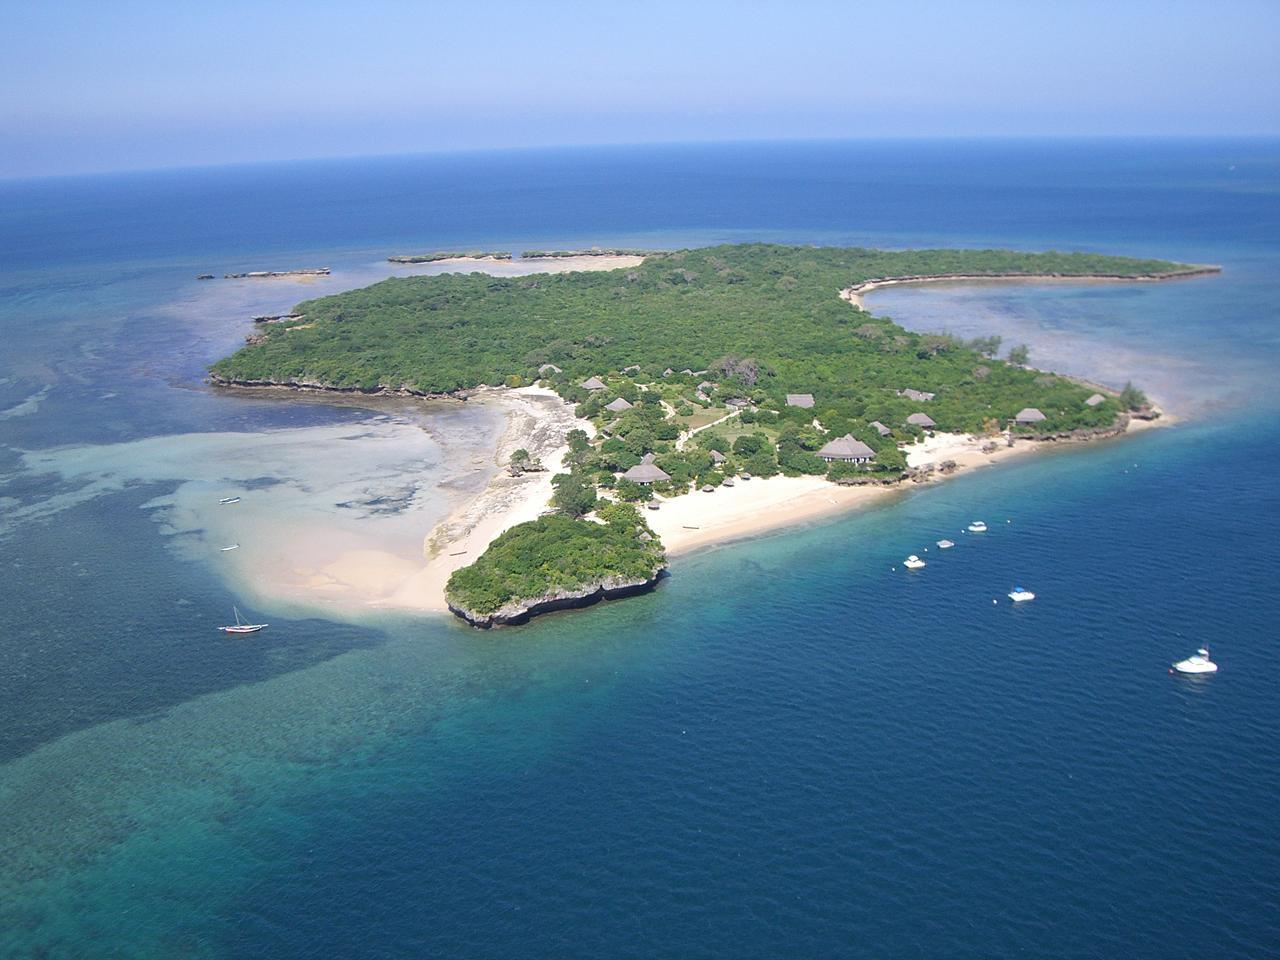 Недорогие путевки в Мозамбик в Мапуту